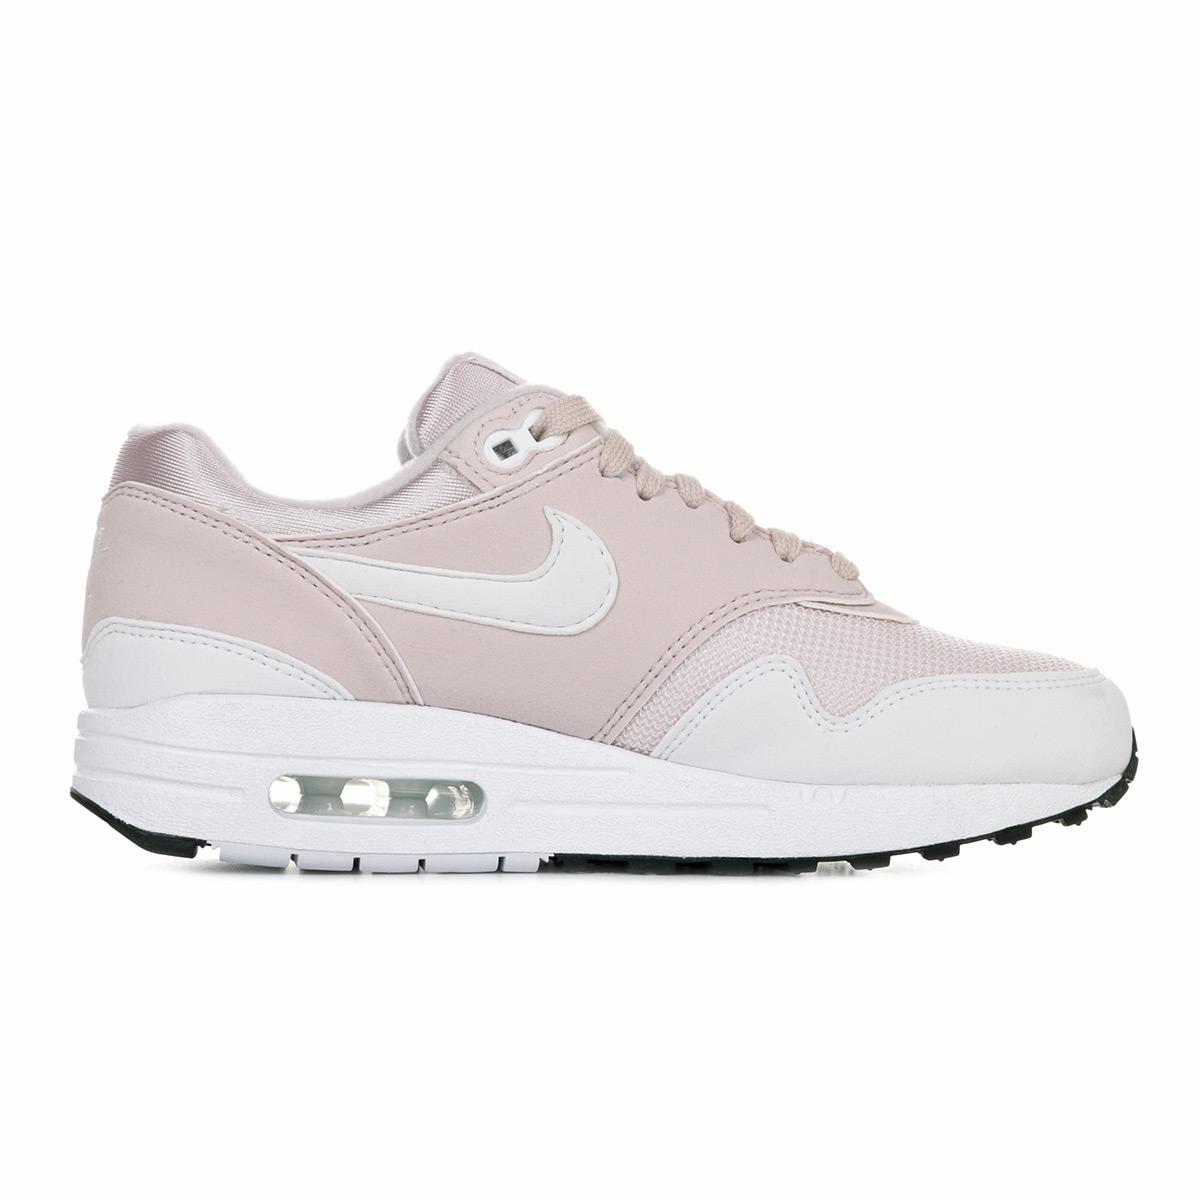 Chaussures-Baskets-Nike-femme-Air-Max-1-034-